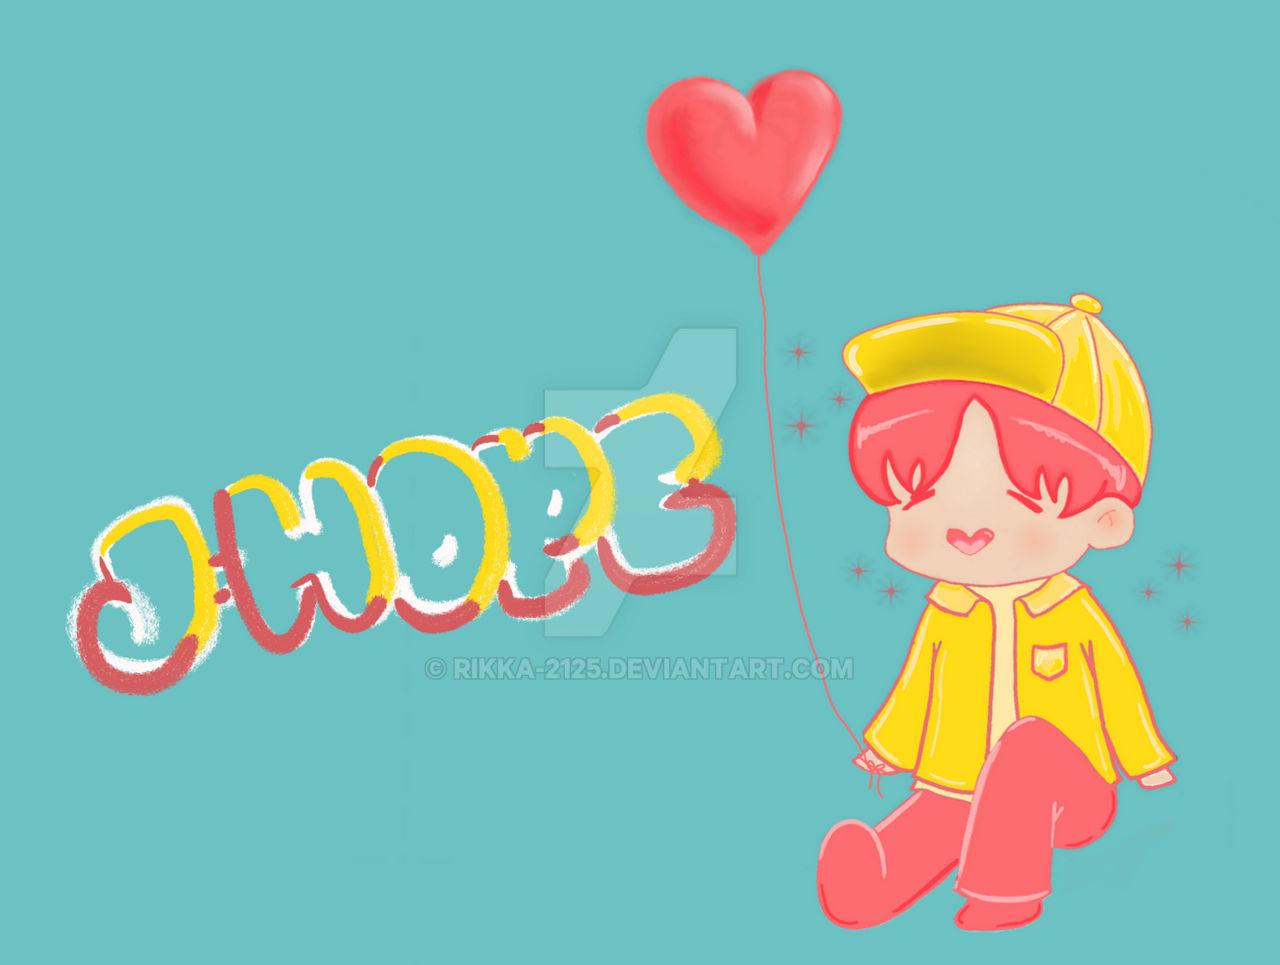 bts j hope chibi wallpaper for laptop pc by rikka 2125 ddbs3ak